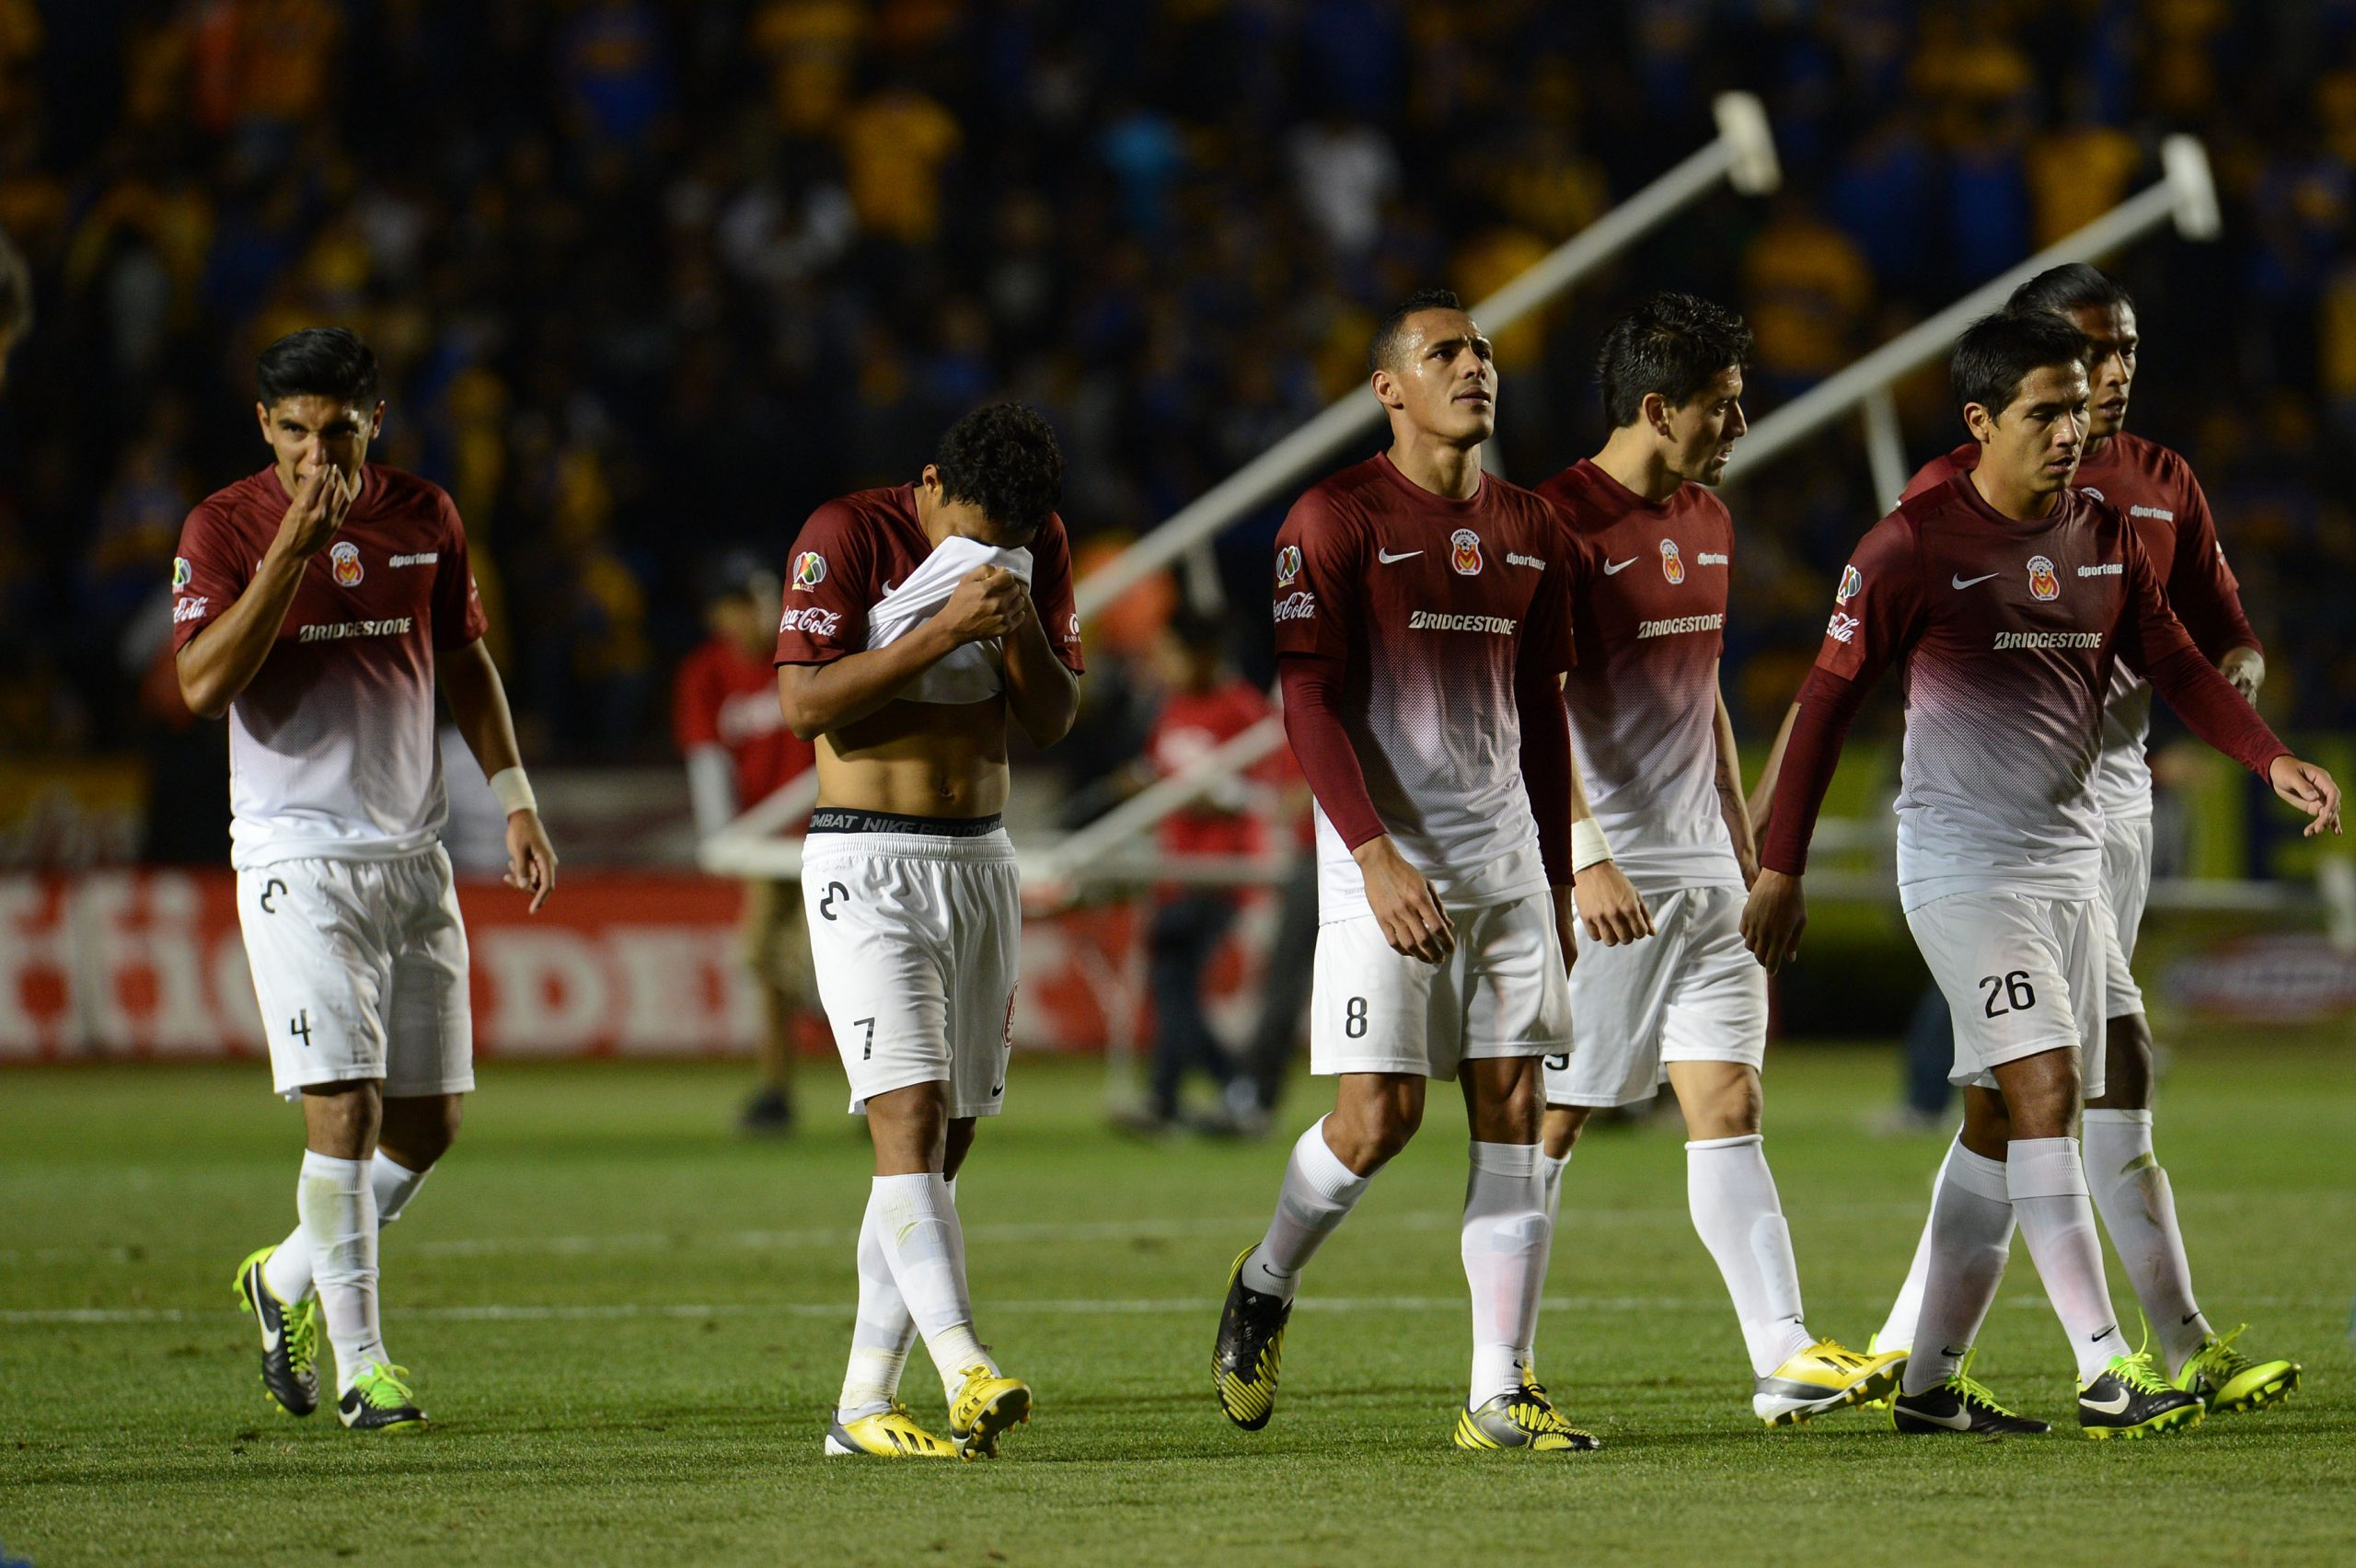 Los equipos que han sido campeones de la Liga MX clasificándose desde el repechaje